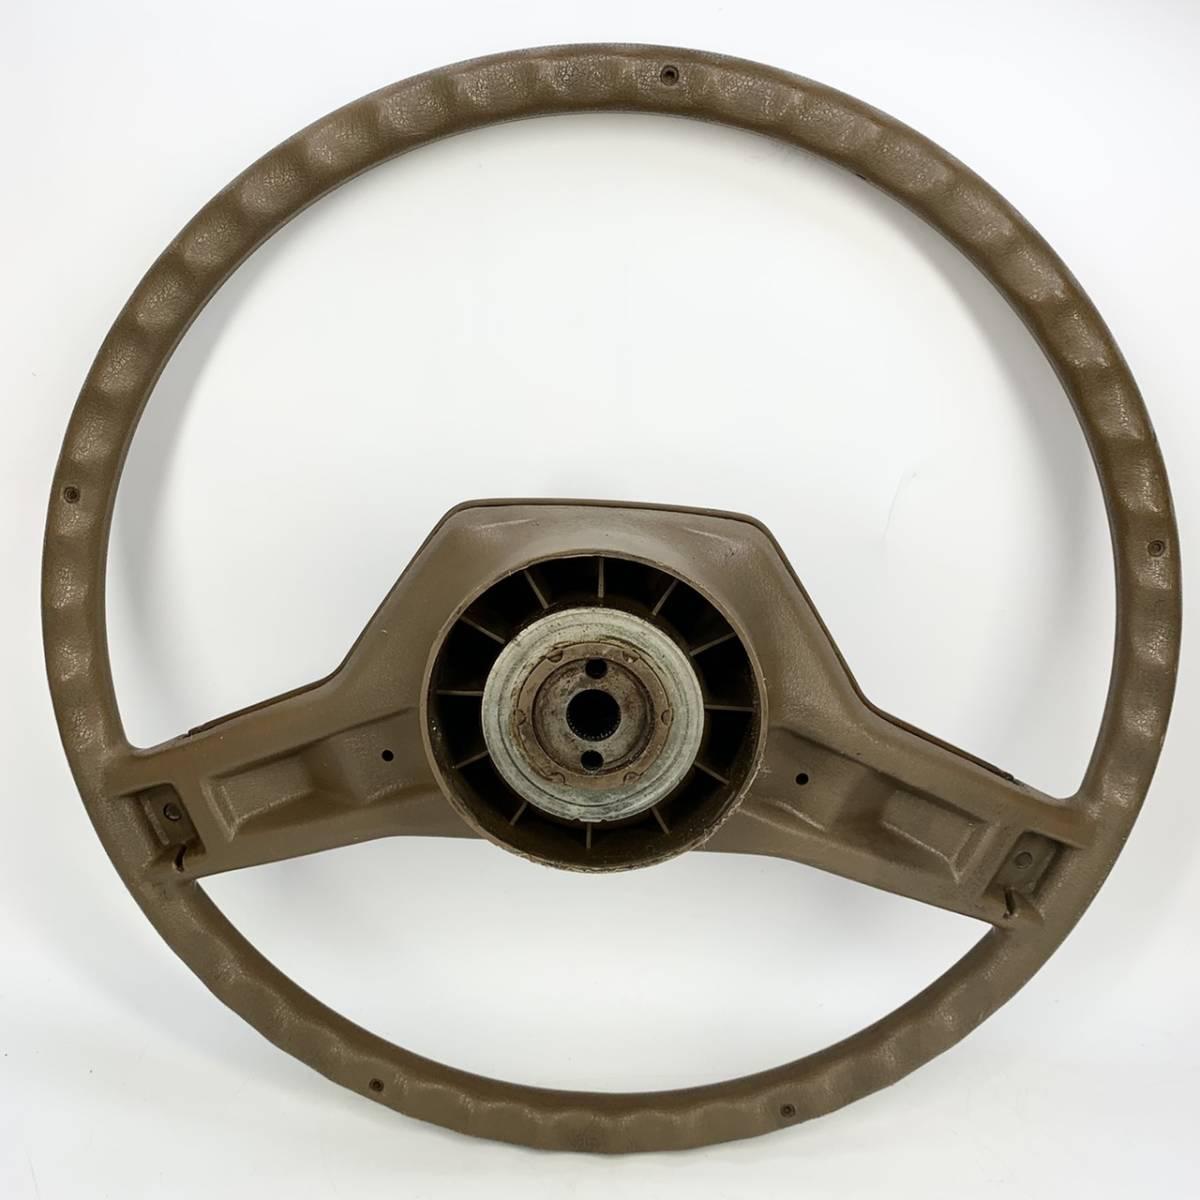 旧車 当時もの マツダ ステアリング 40 パイ/ キーワード ハンドル 絶版 管理6